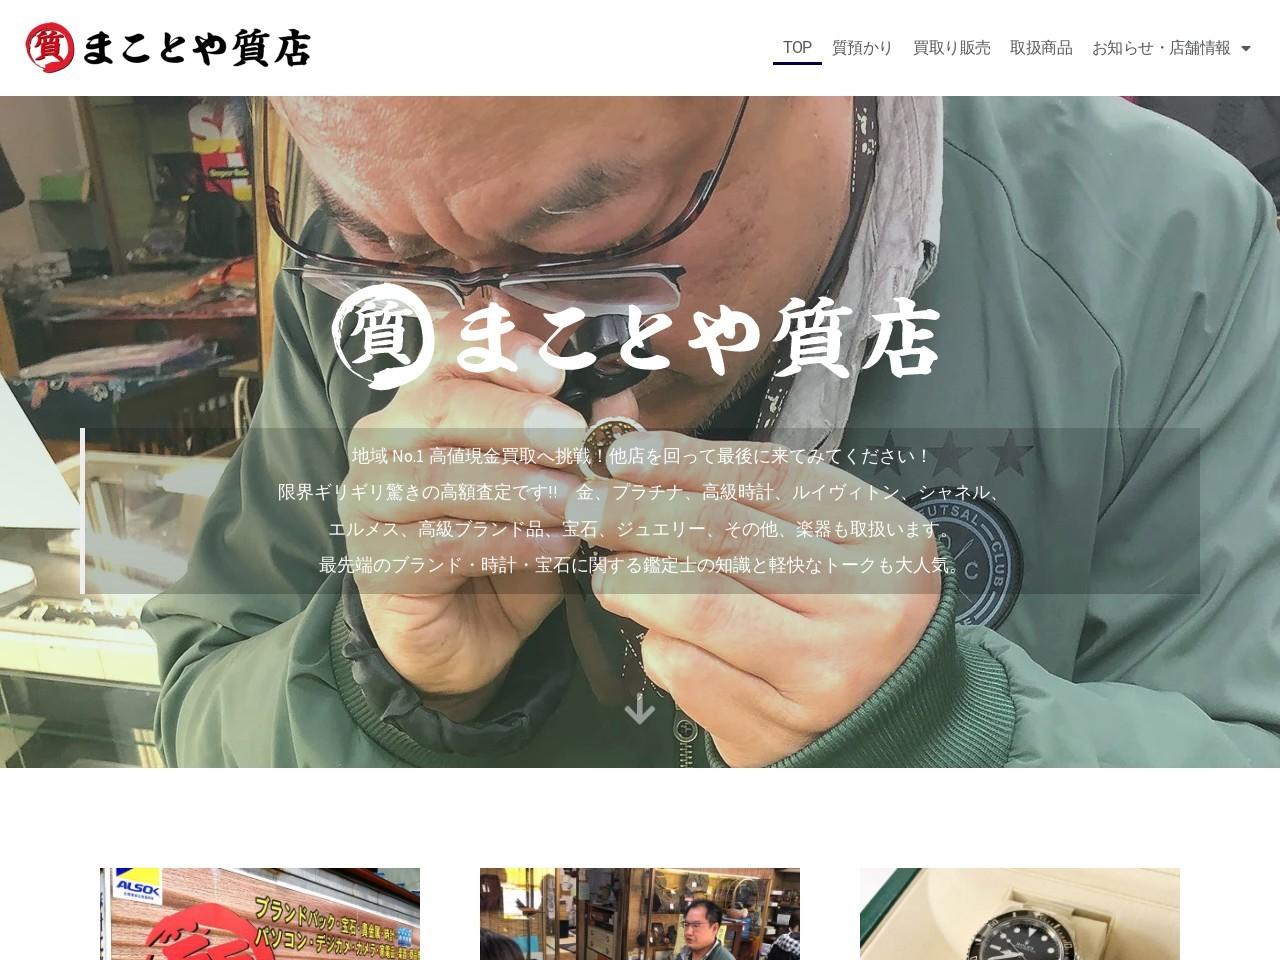 まことや|栃木県足利市の質・買取・販売